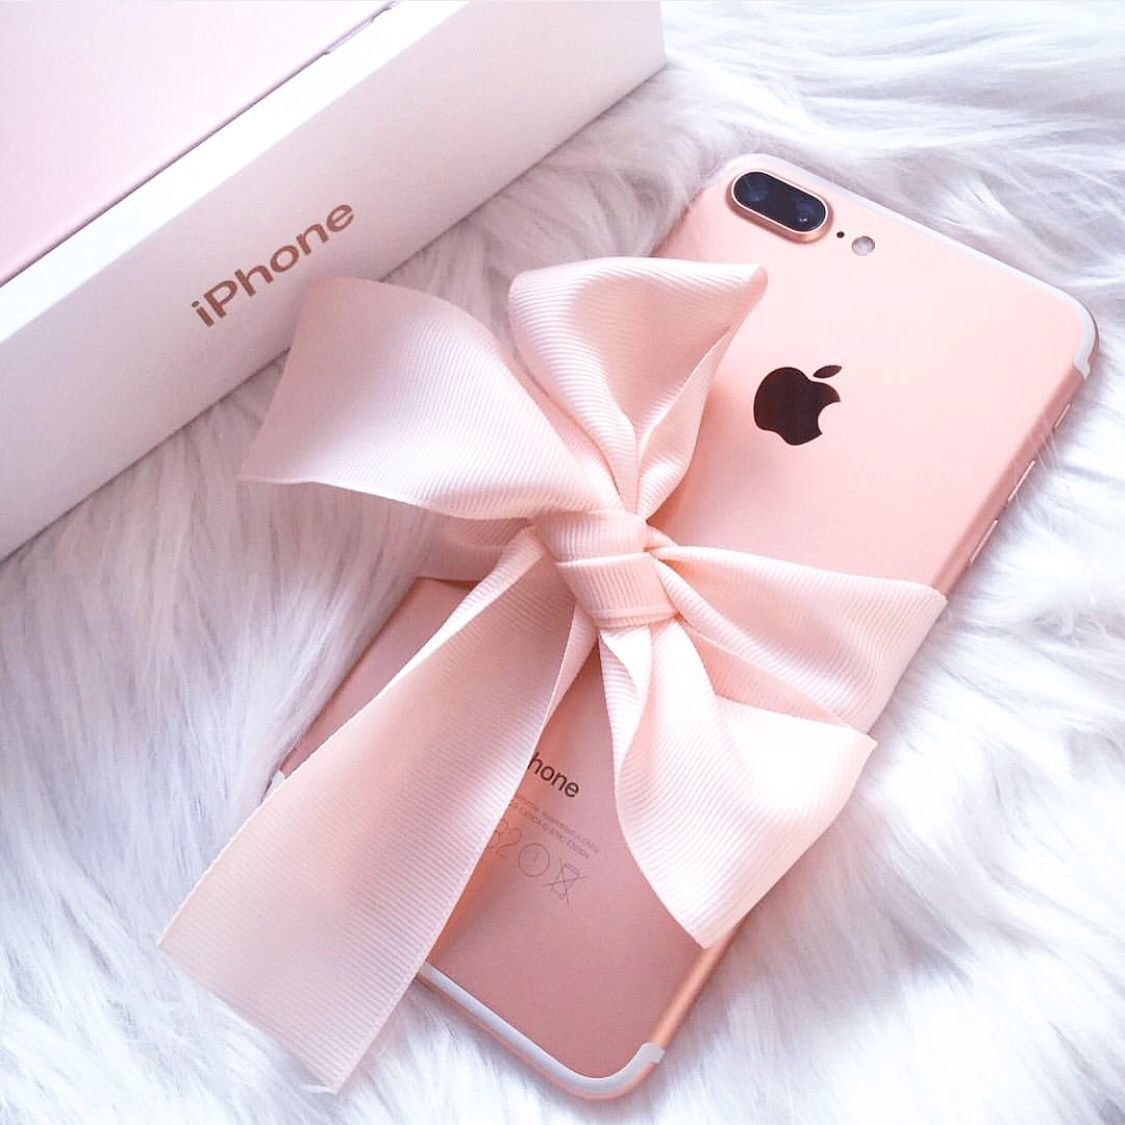 P R I N C E S S Apple Iphone Iphone Apple Urunleri